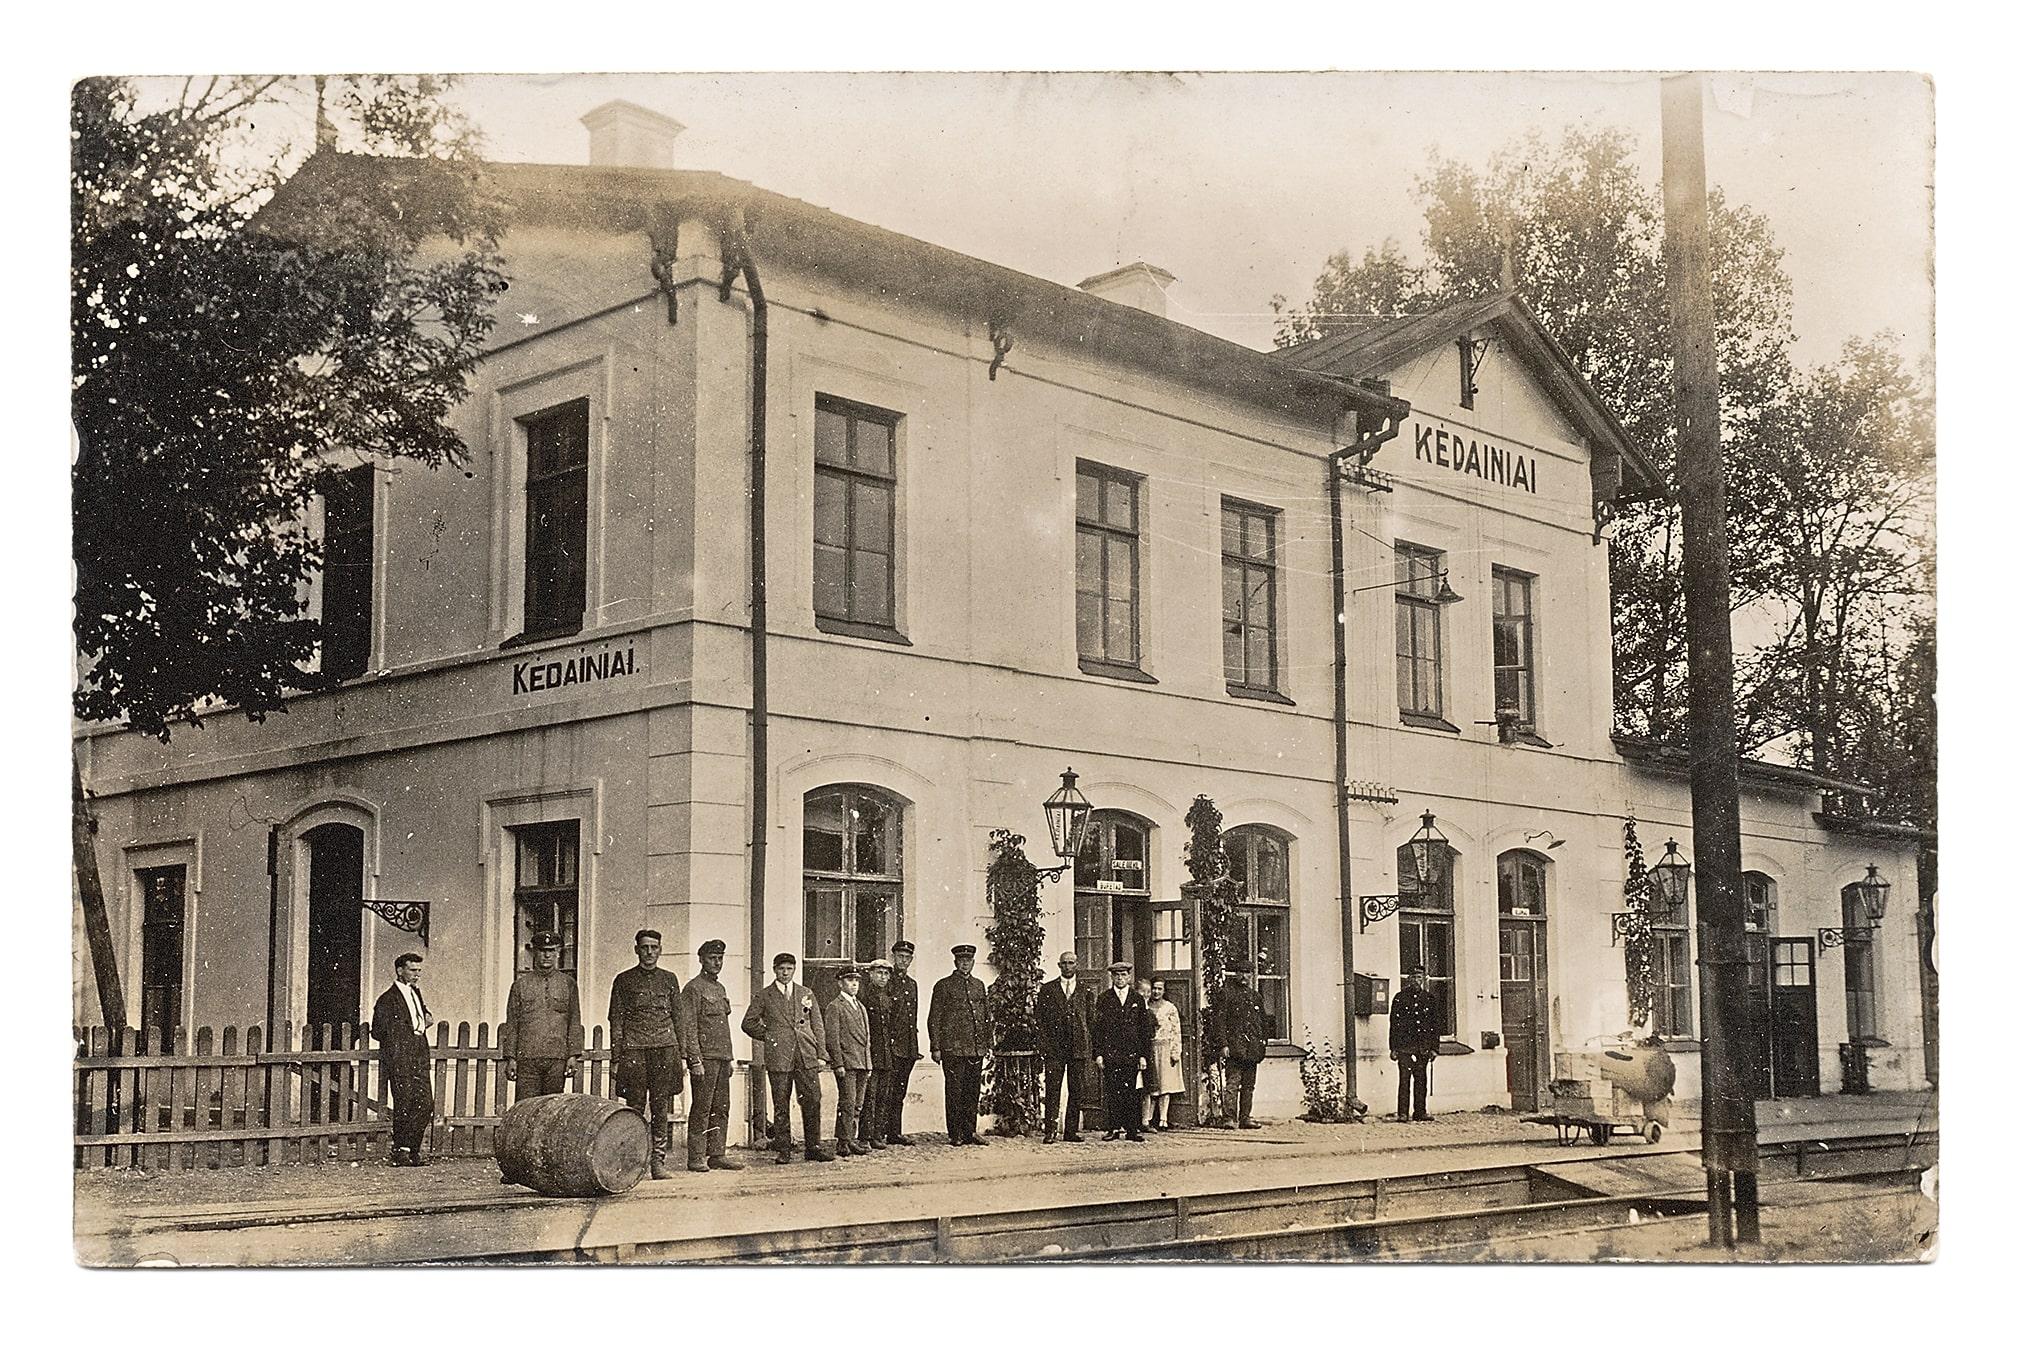 Kėdainių geležinkelio stotis. 1944 m. liepos 30 d. susprogdinta nacių. V. Garbaliausko nuotr.